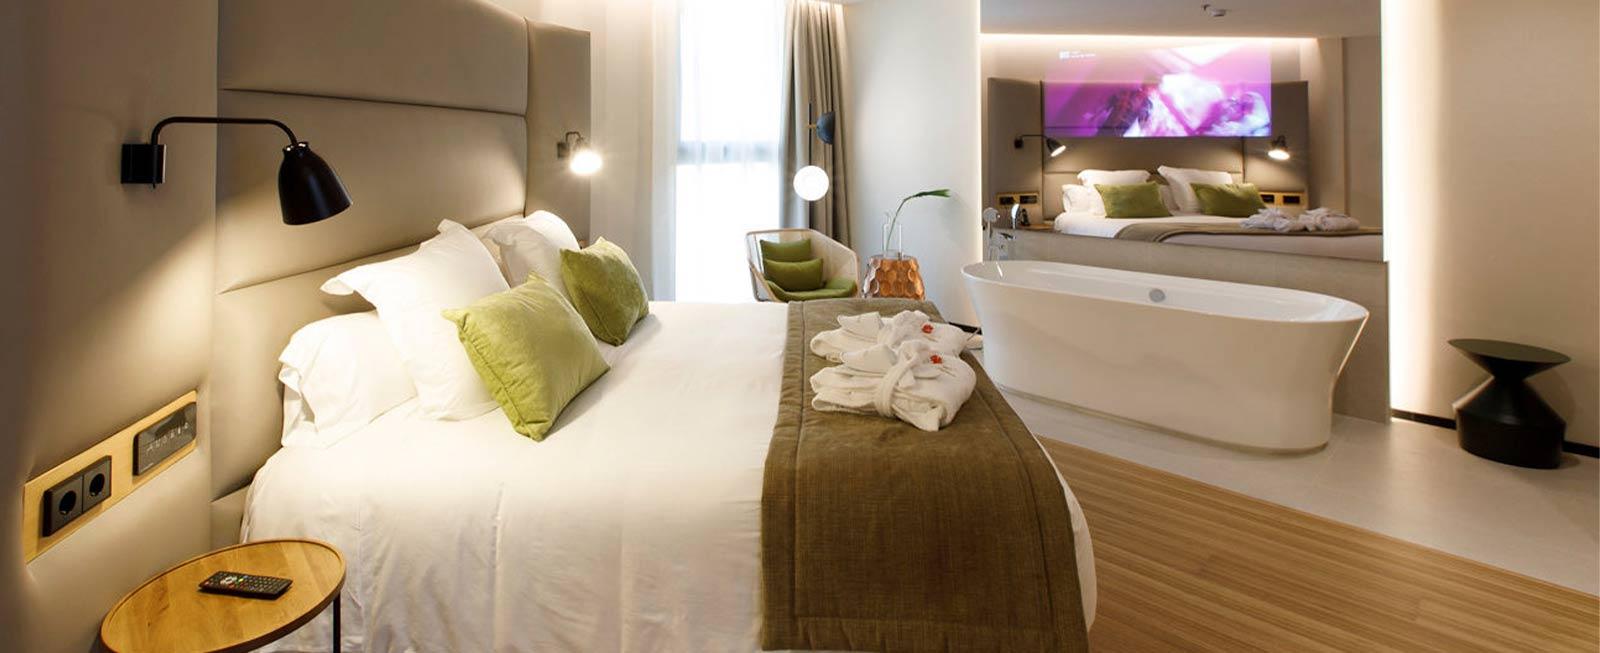 Suite de Luxe Protur Naisa Urbanhotel Palma